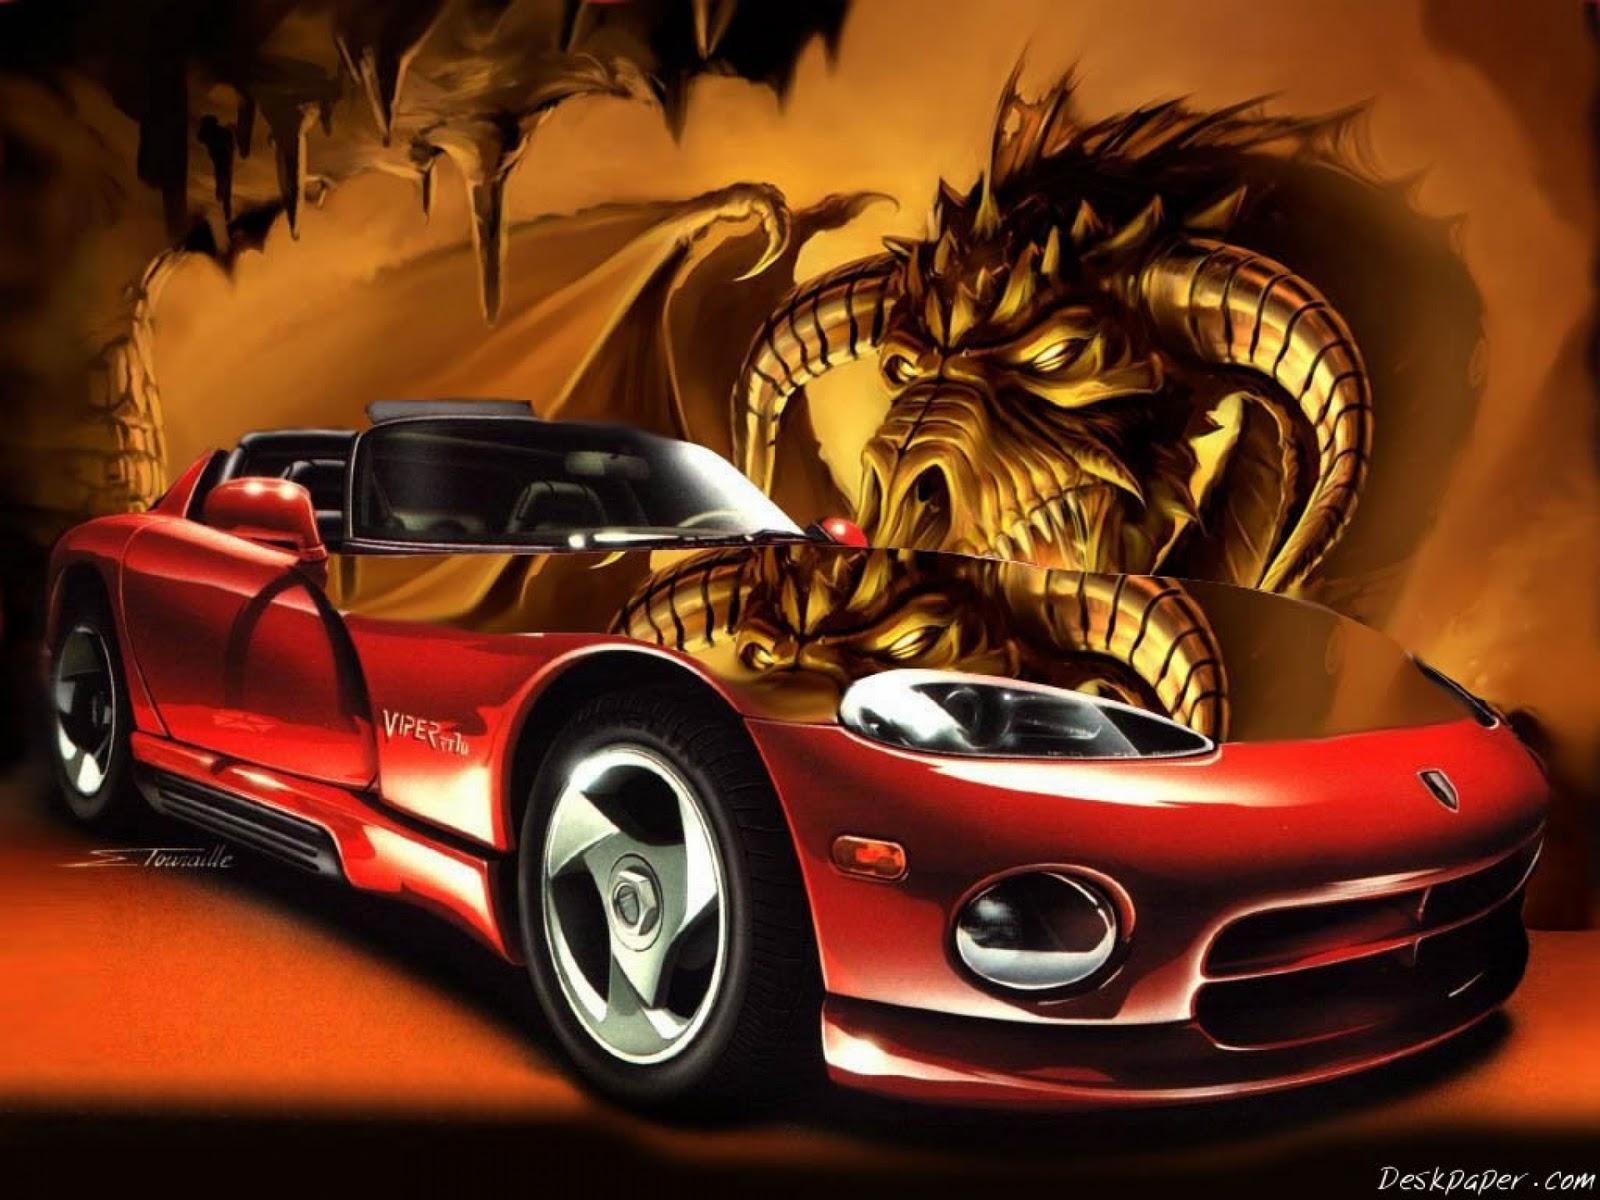 Fotos De Desenhos Animados E Filmes Carros Amp Motos